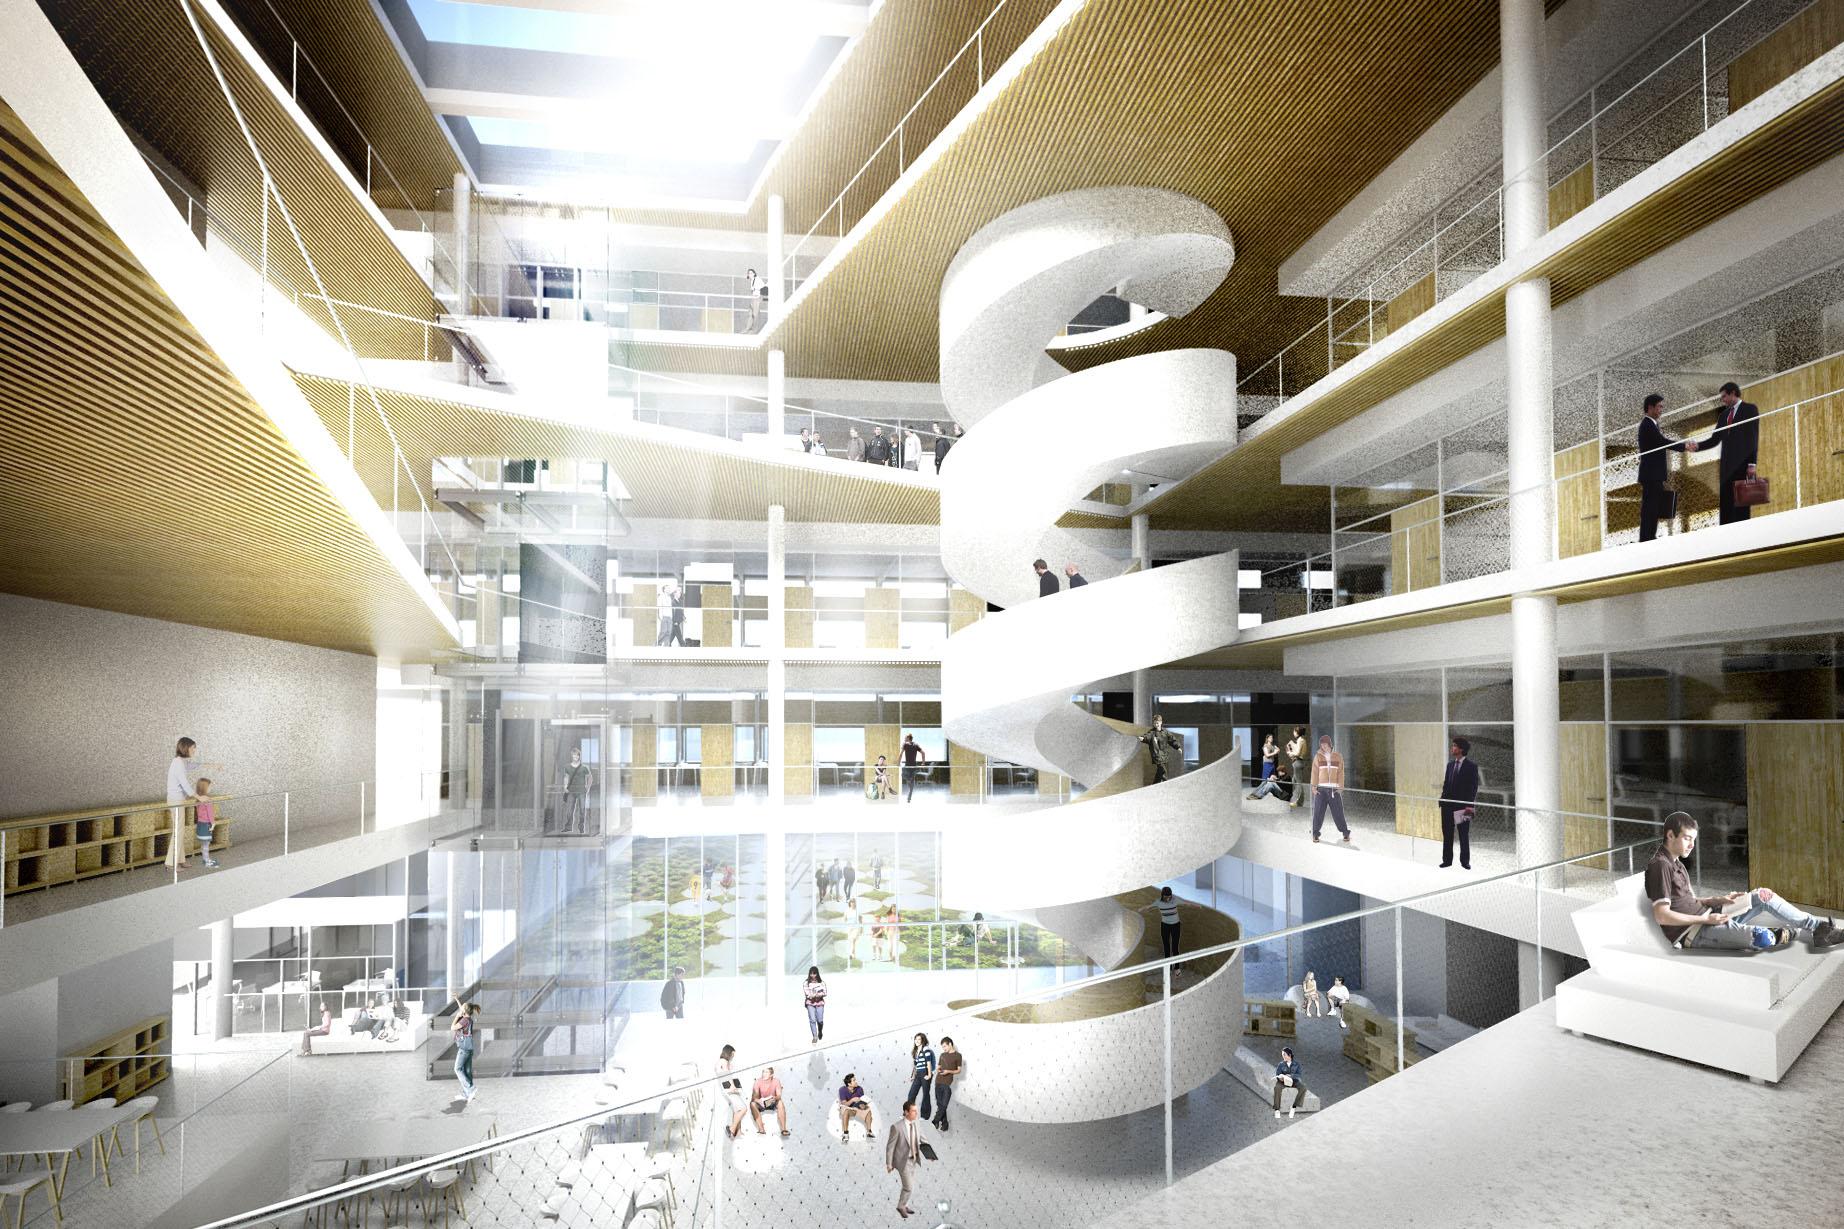 atelier-01-arkitektur-gunilla-kronvall-dm03